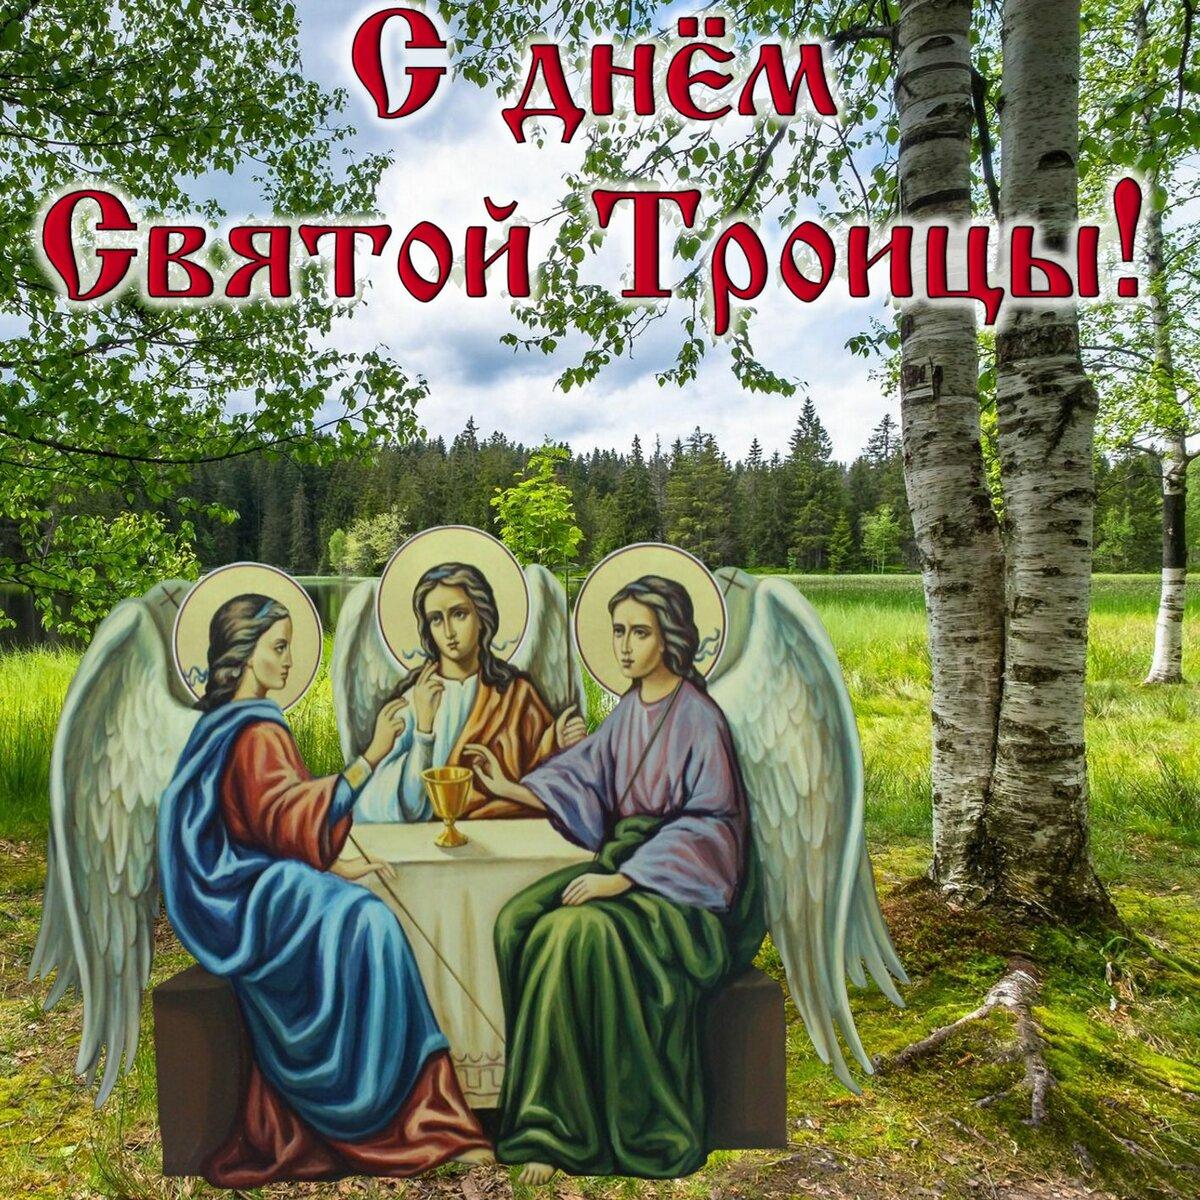 Поздравление главы с троицей